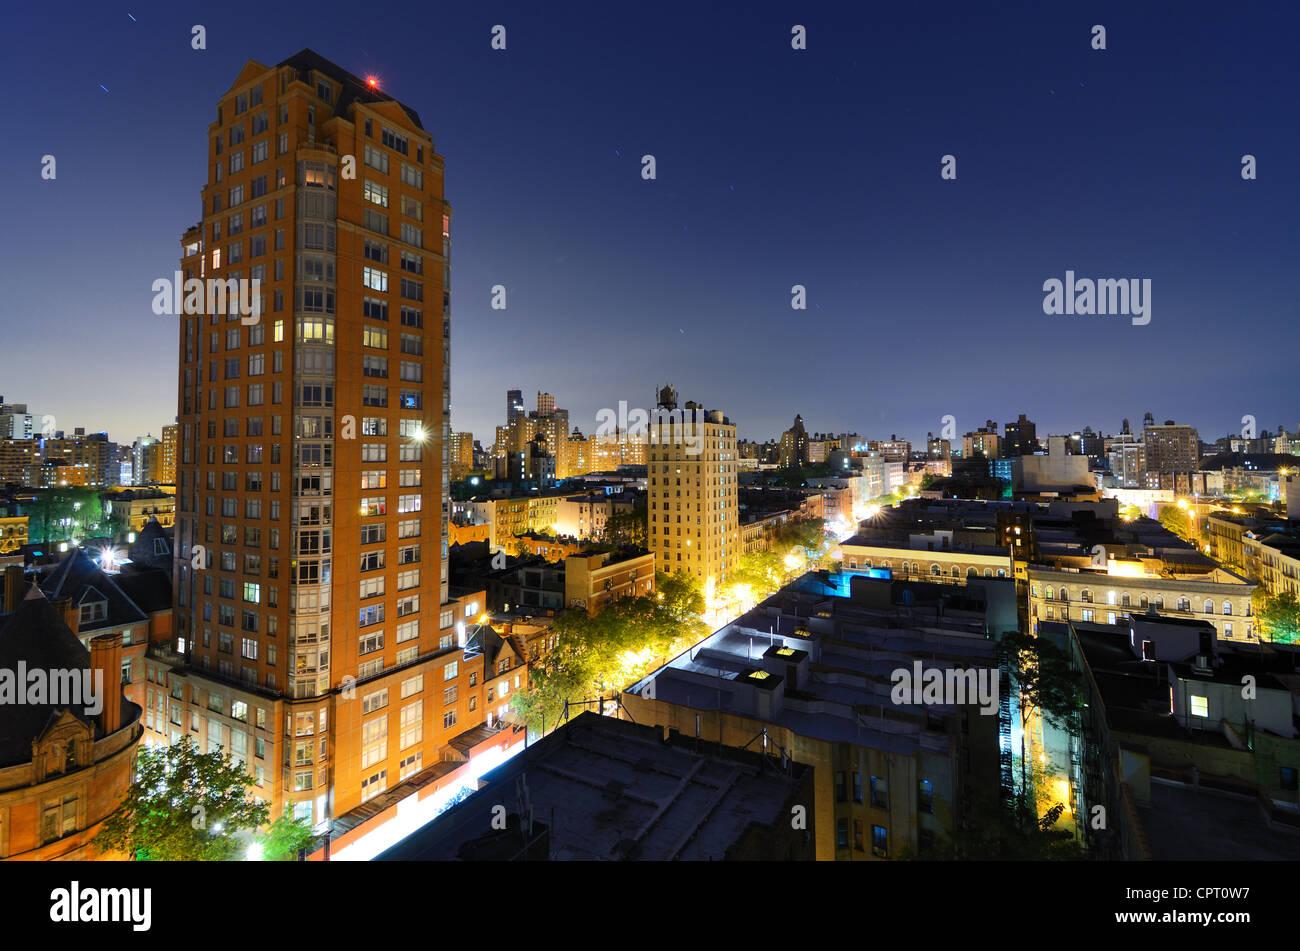 Horizonte de edificios residenciales en el Upper West Side de Manhattan en la noche Imagen De Stock